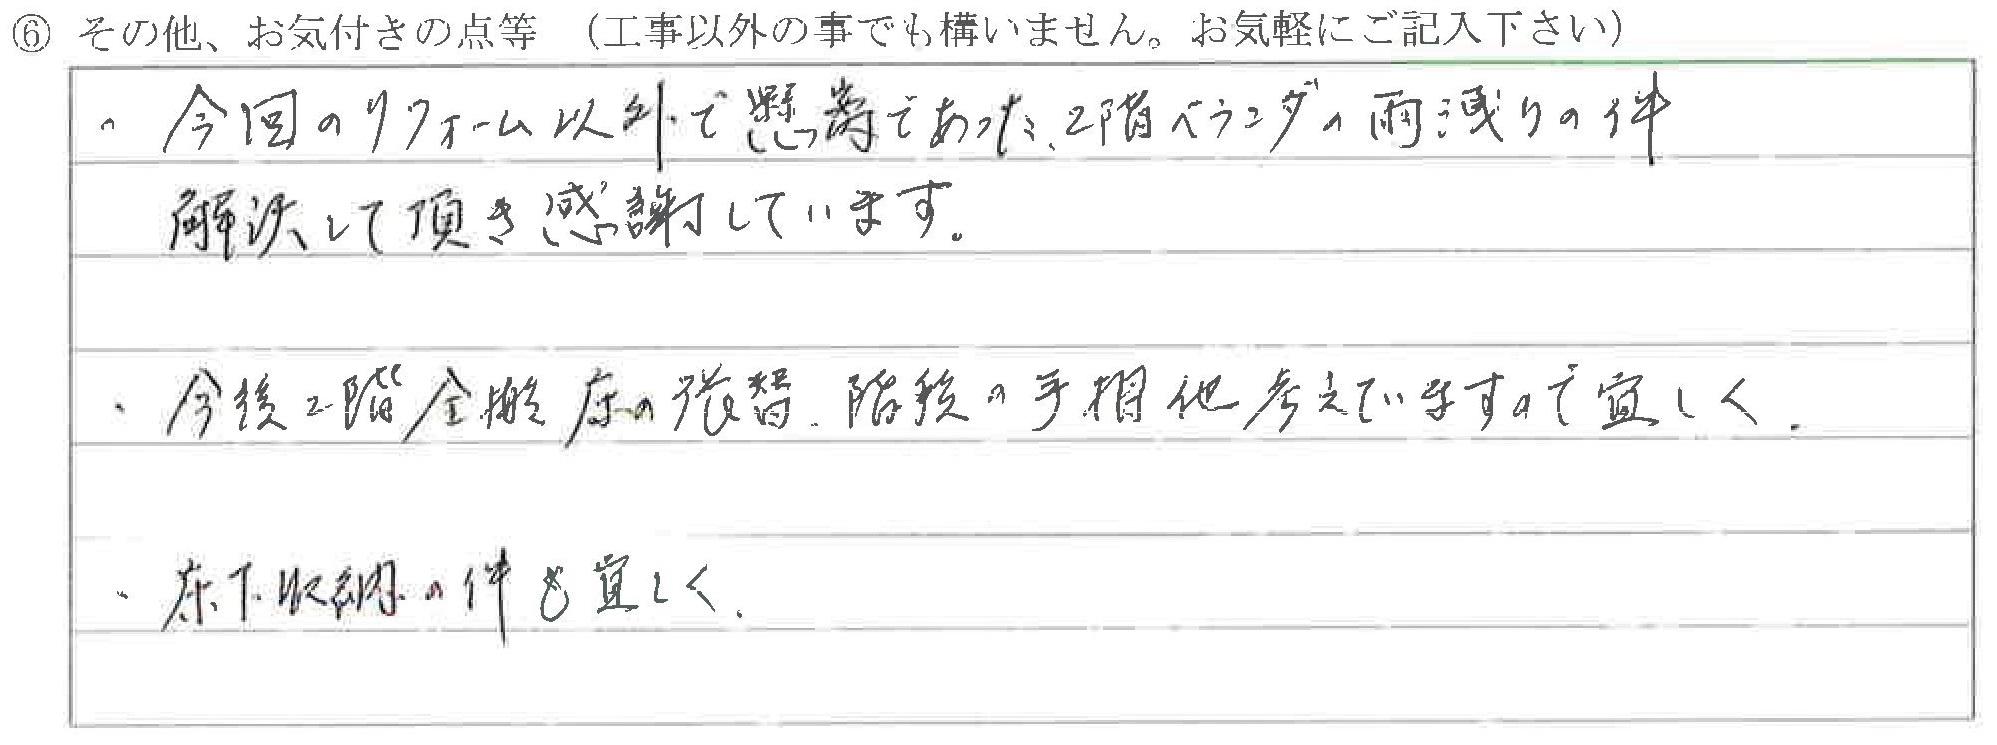 富山県射水市K様に頂いたキッチン改装工事についてのお気づきの点がありましたら、お聞かせ下さい。というご質問について「キッチン改装【お喜びの声】」というお声についての画像